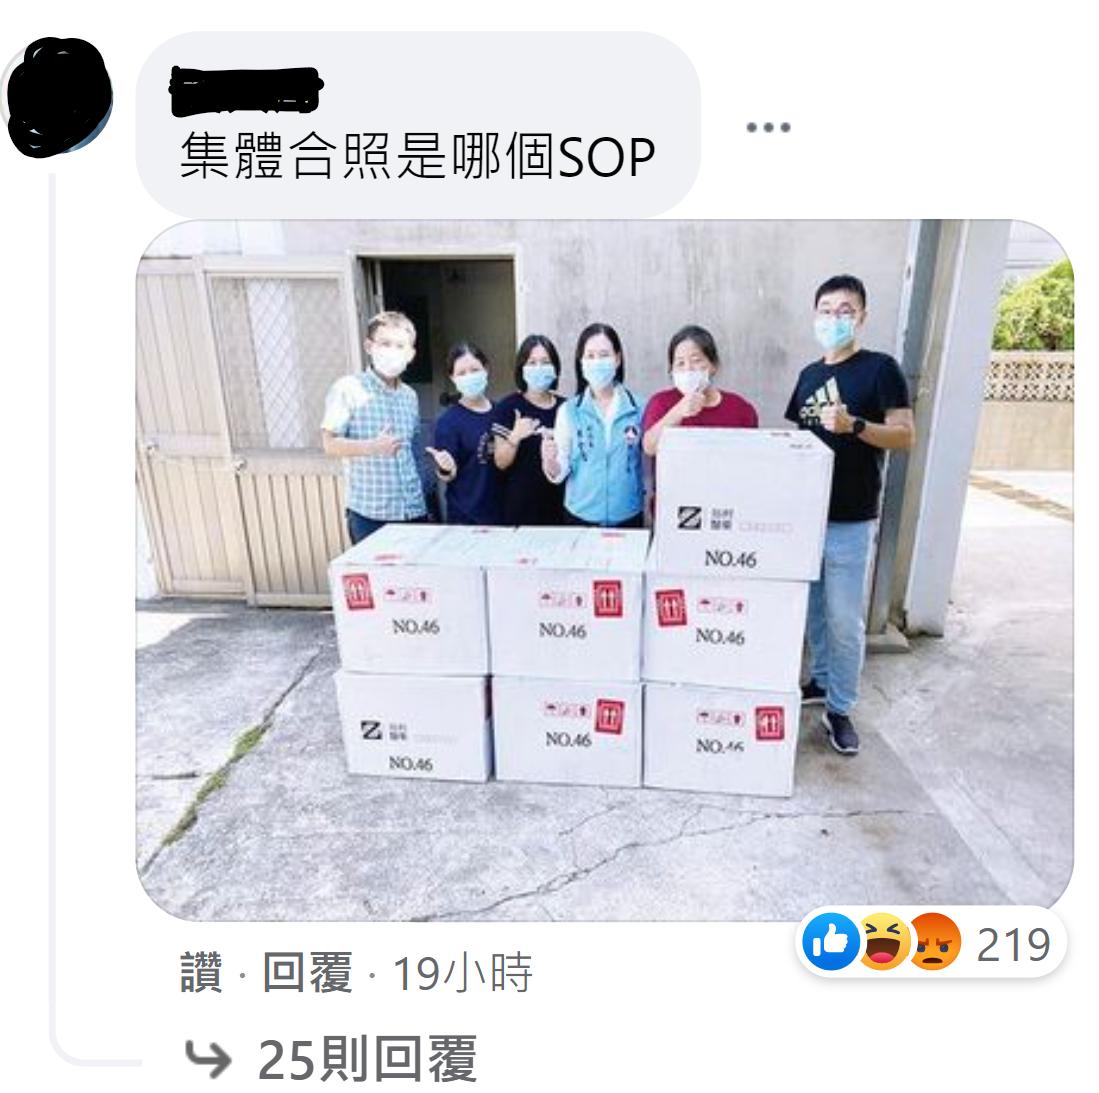 官員排排站比讚合影的照片尤為讓網友不滿。(翻攝自楊鎮浯臉書)